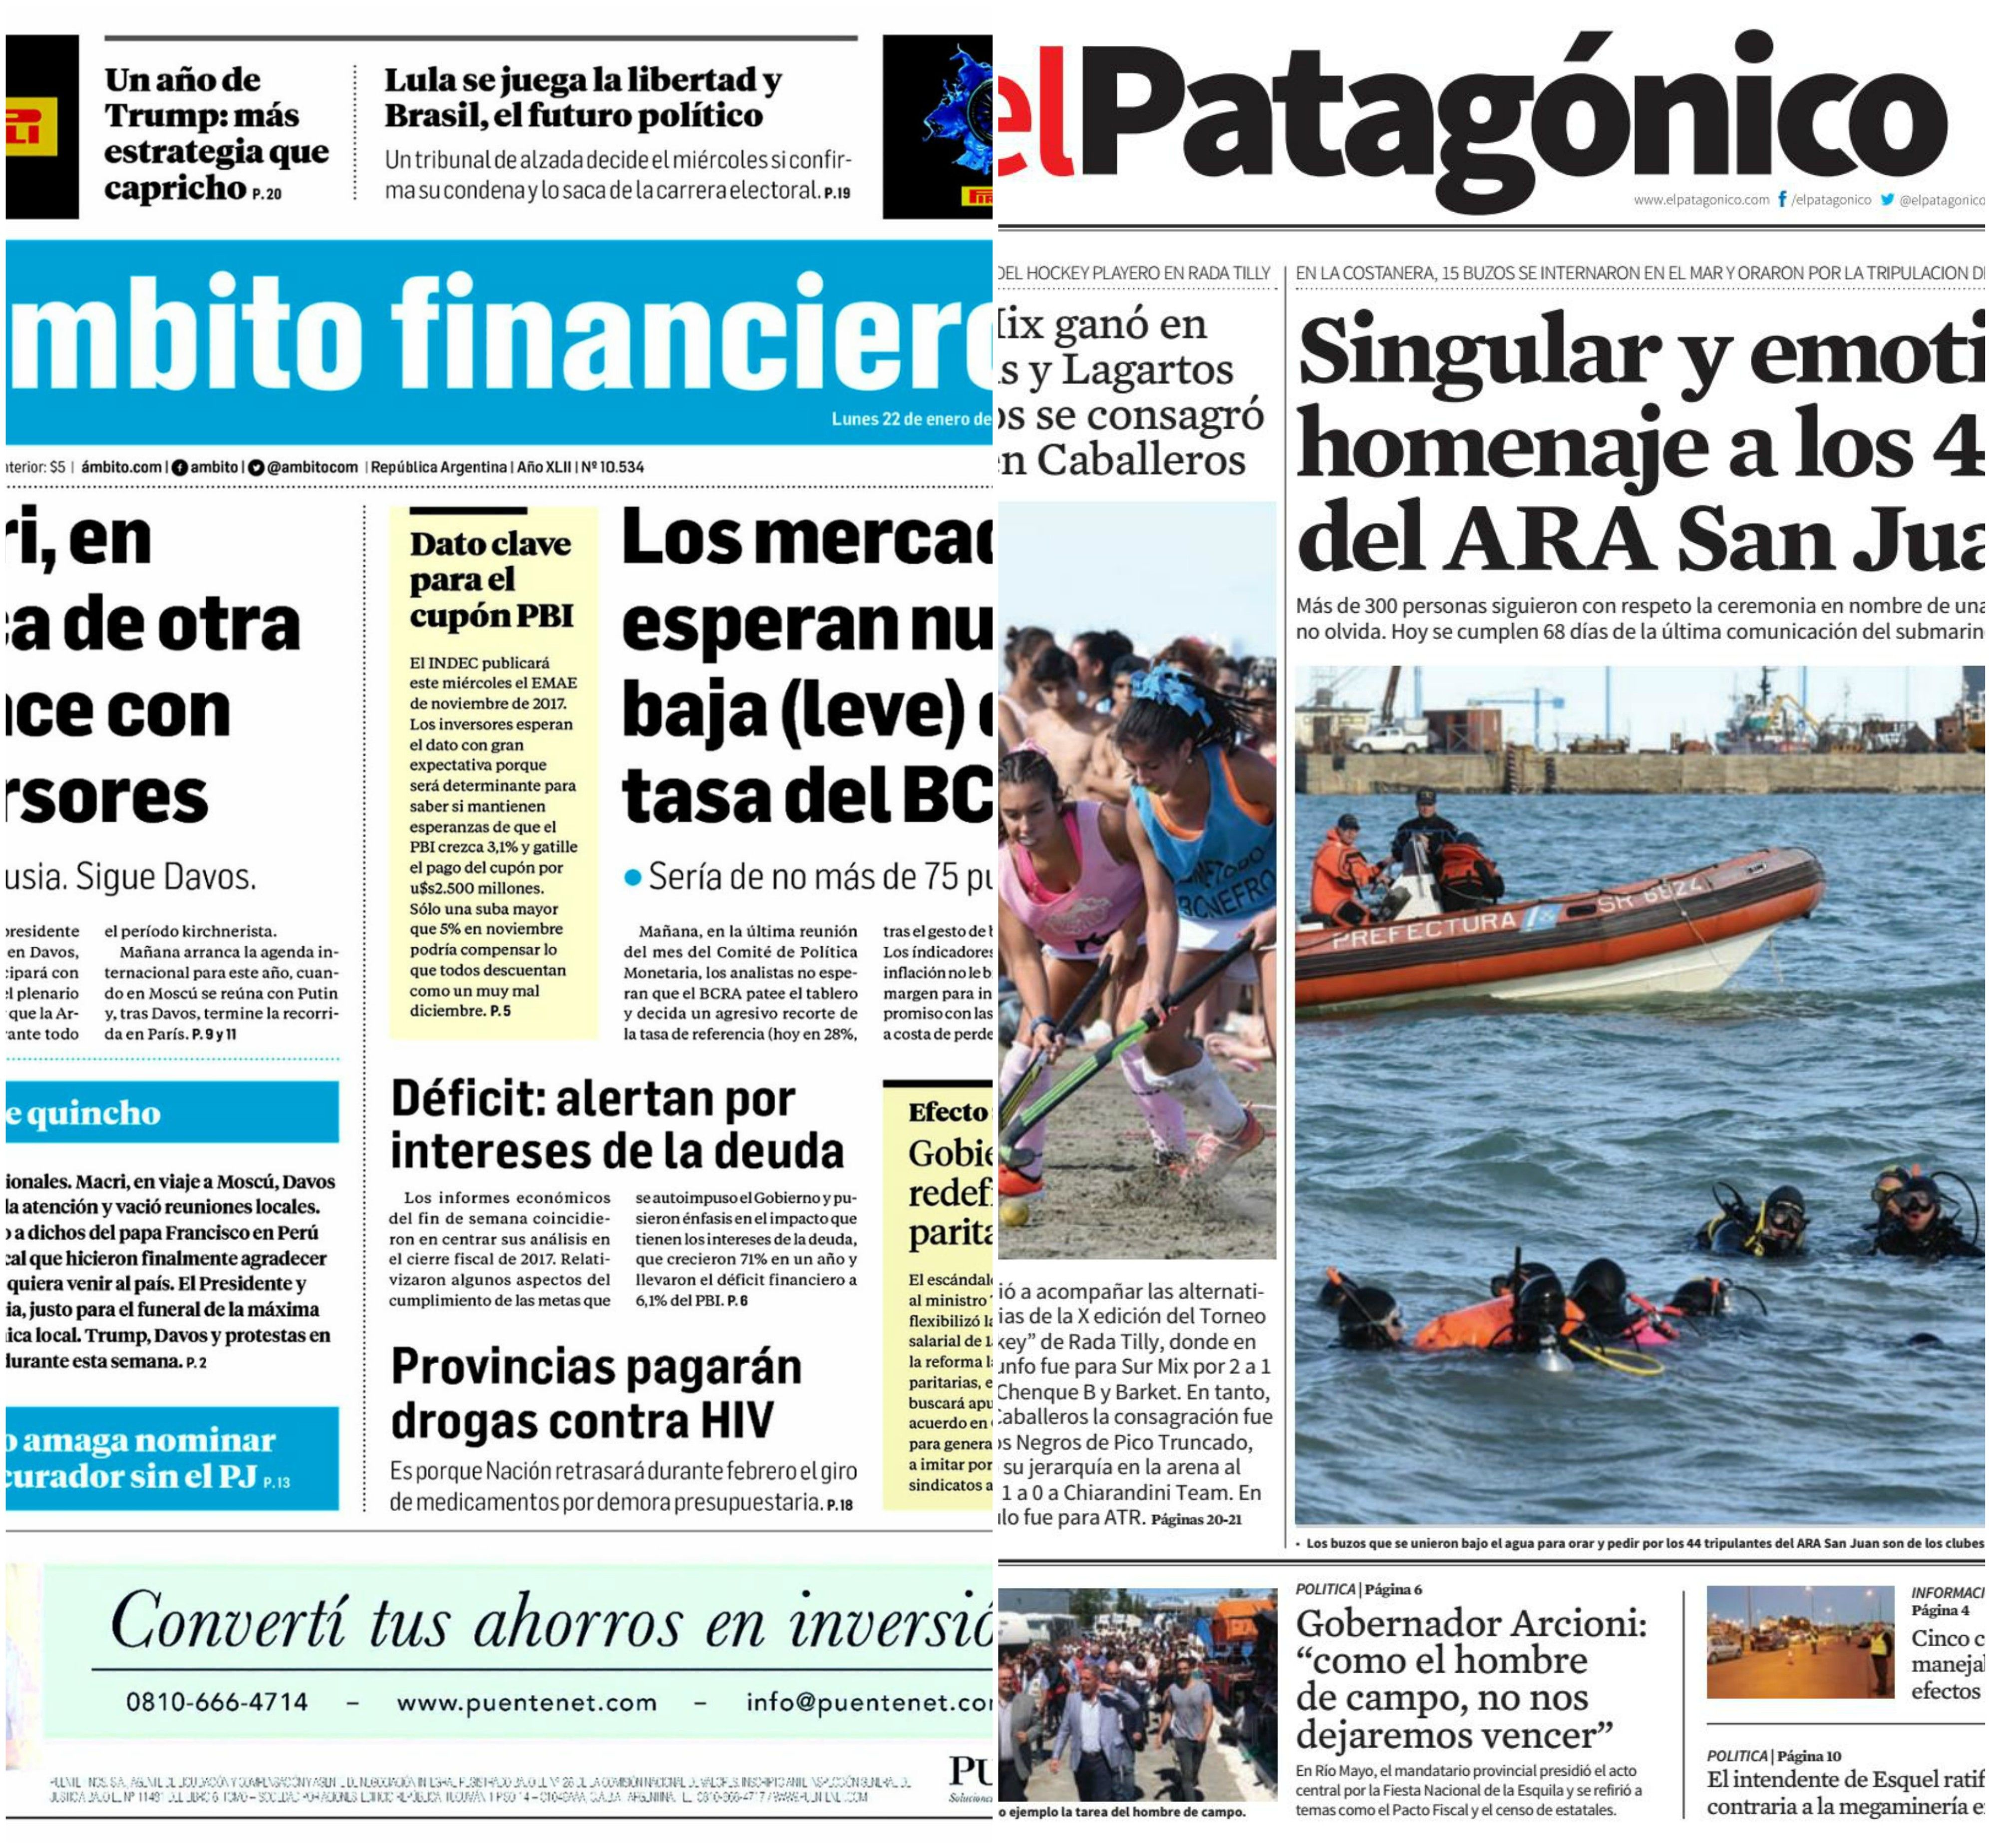 Tapas de diarios del lunes 22 de enero de 2018